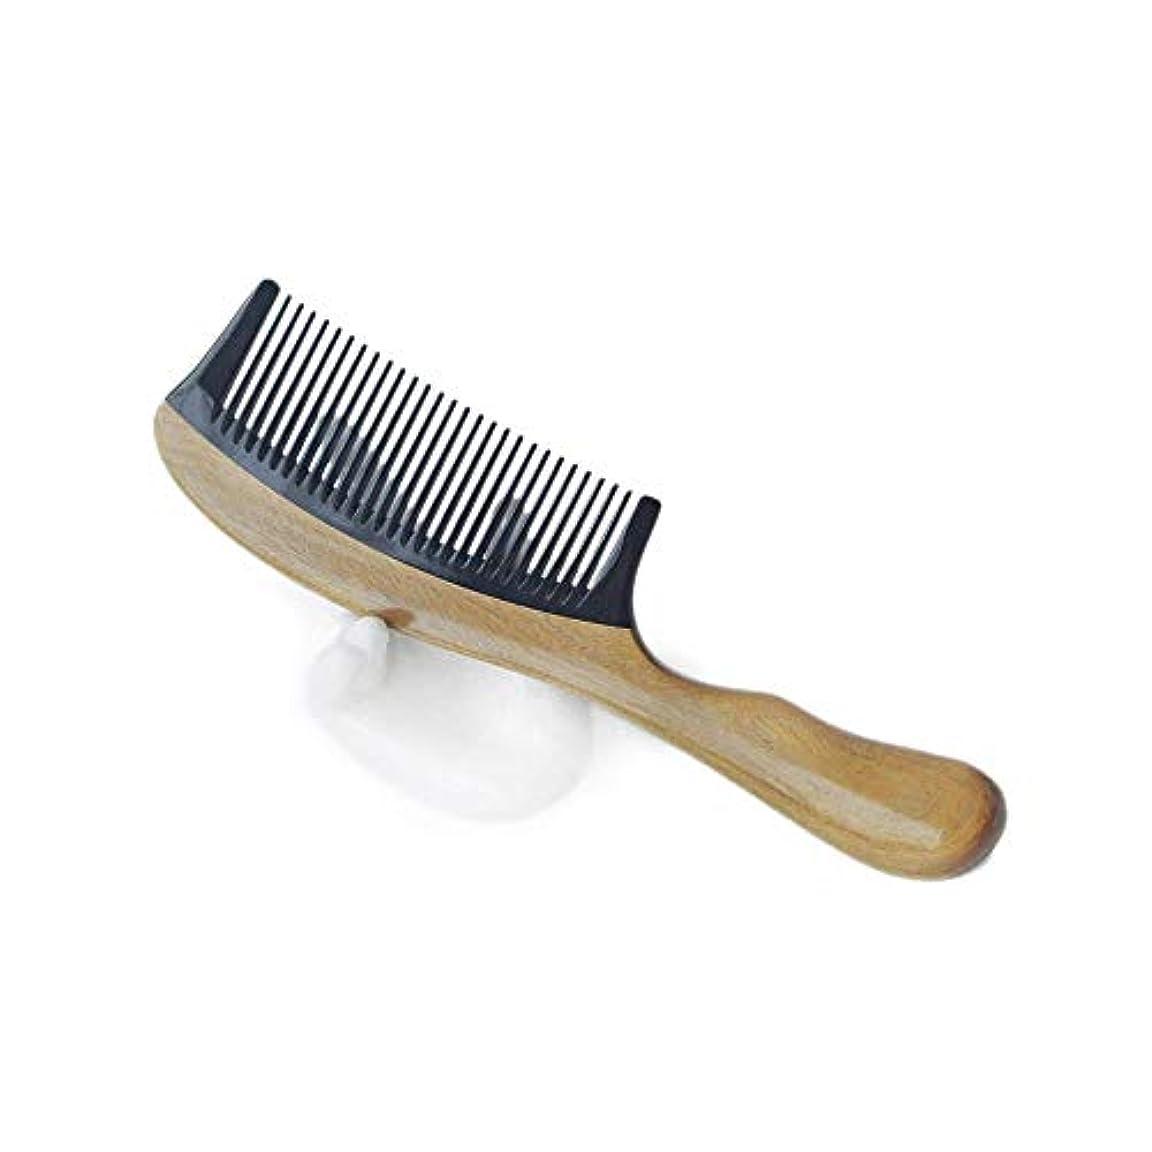 未満騒運動するFashianサンダルウッドくし手作りの木製くし静電防止(ショートハンドル - ワイド歯) ヘアケア